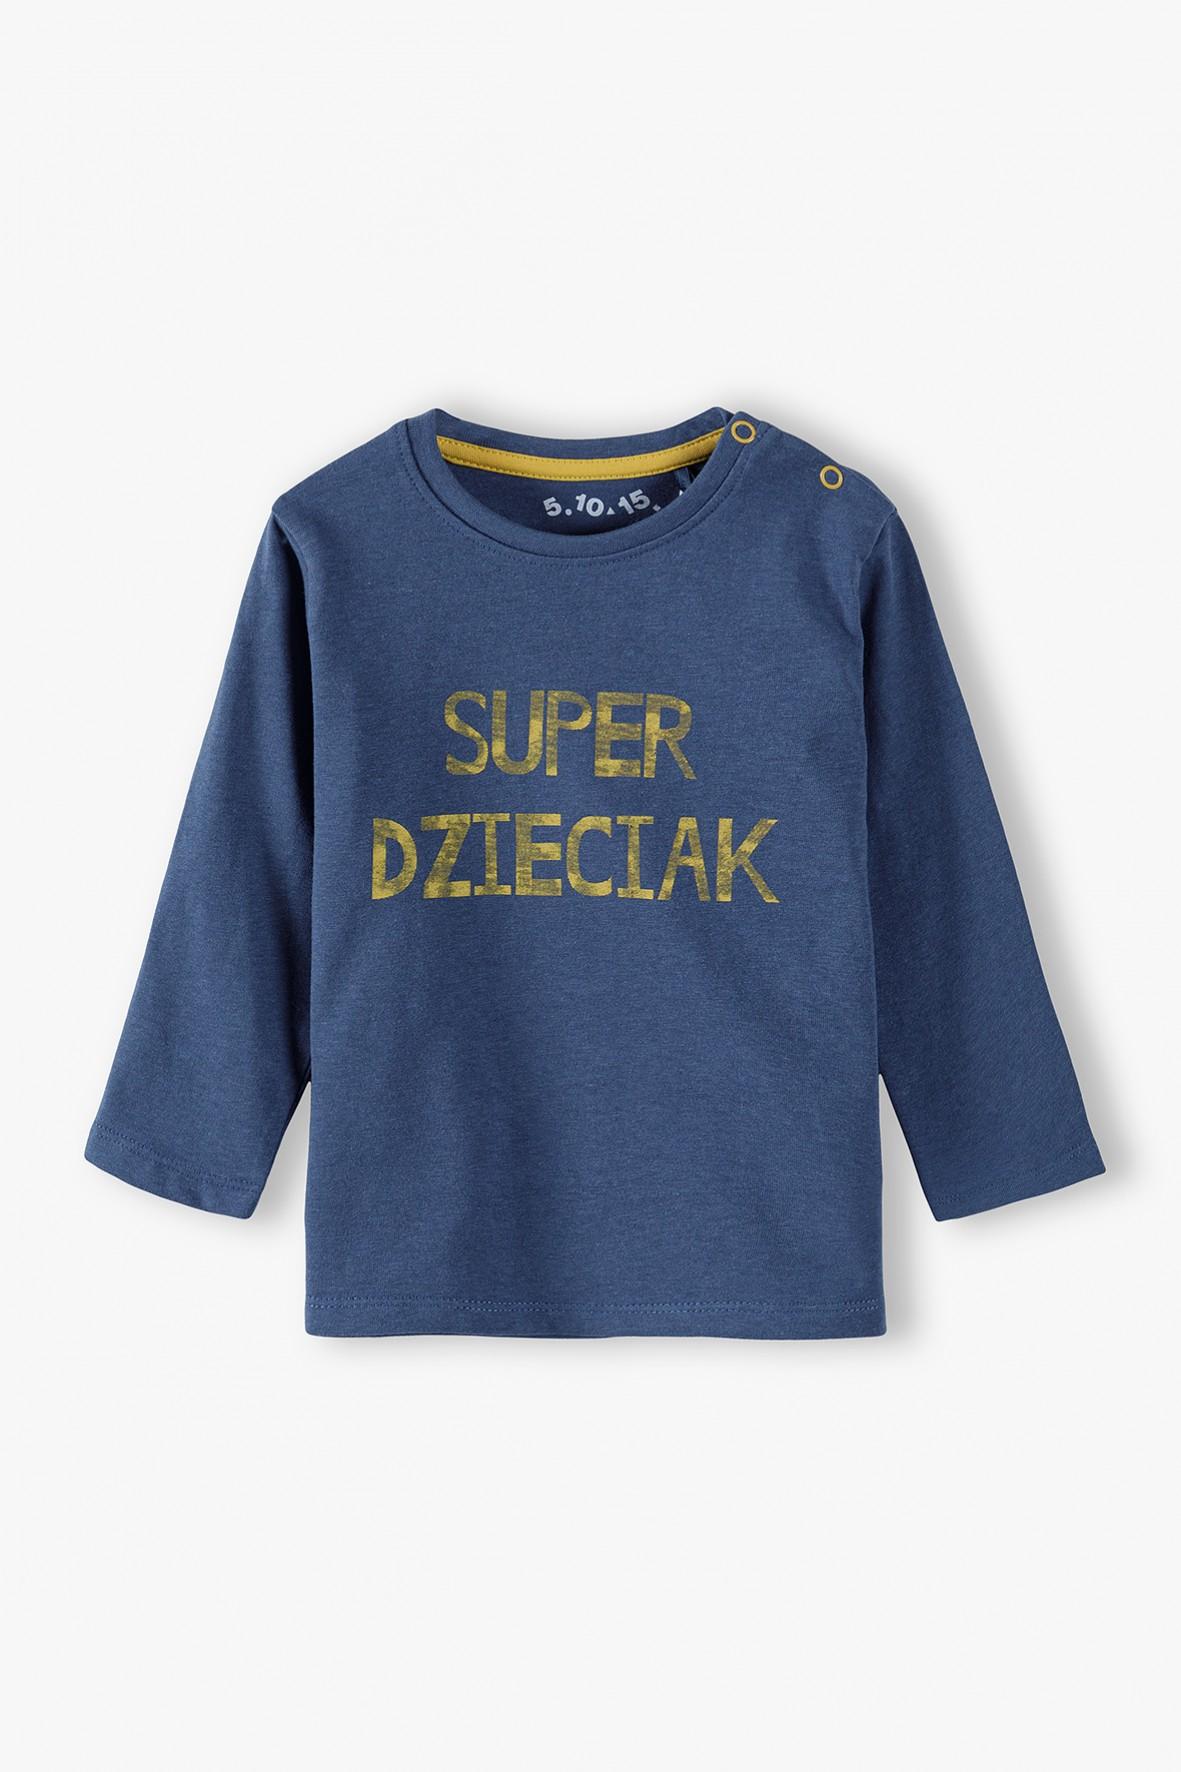 Bluzka niemowlęca z polskim napisem - SUPER DZIECIAK- niebieska